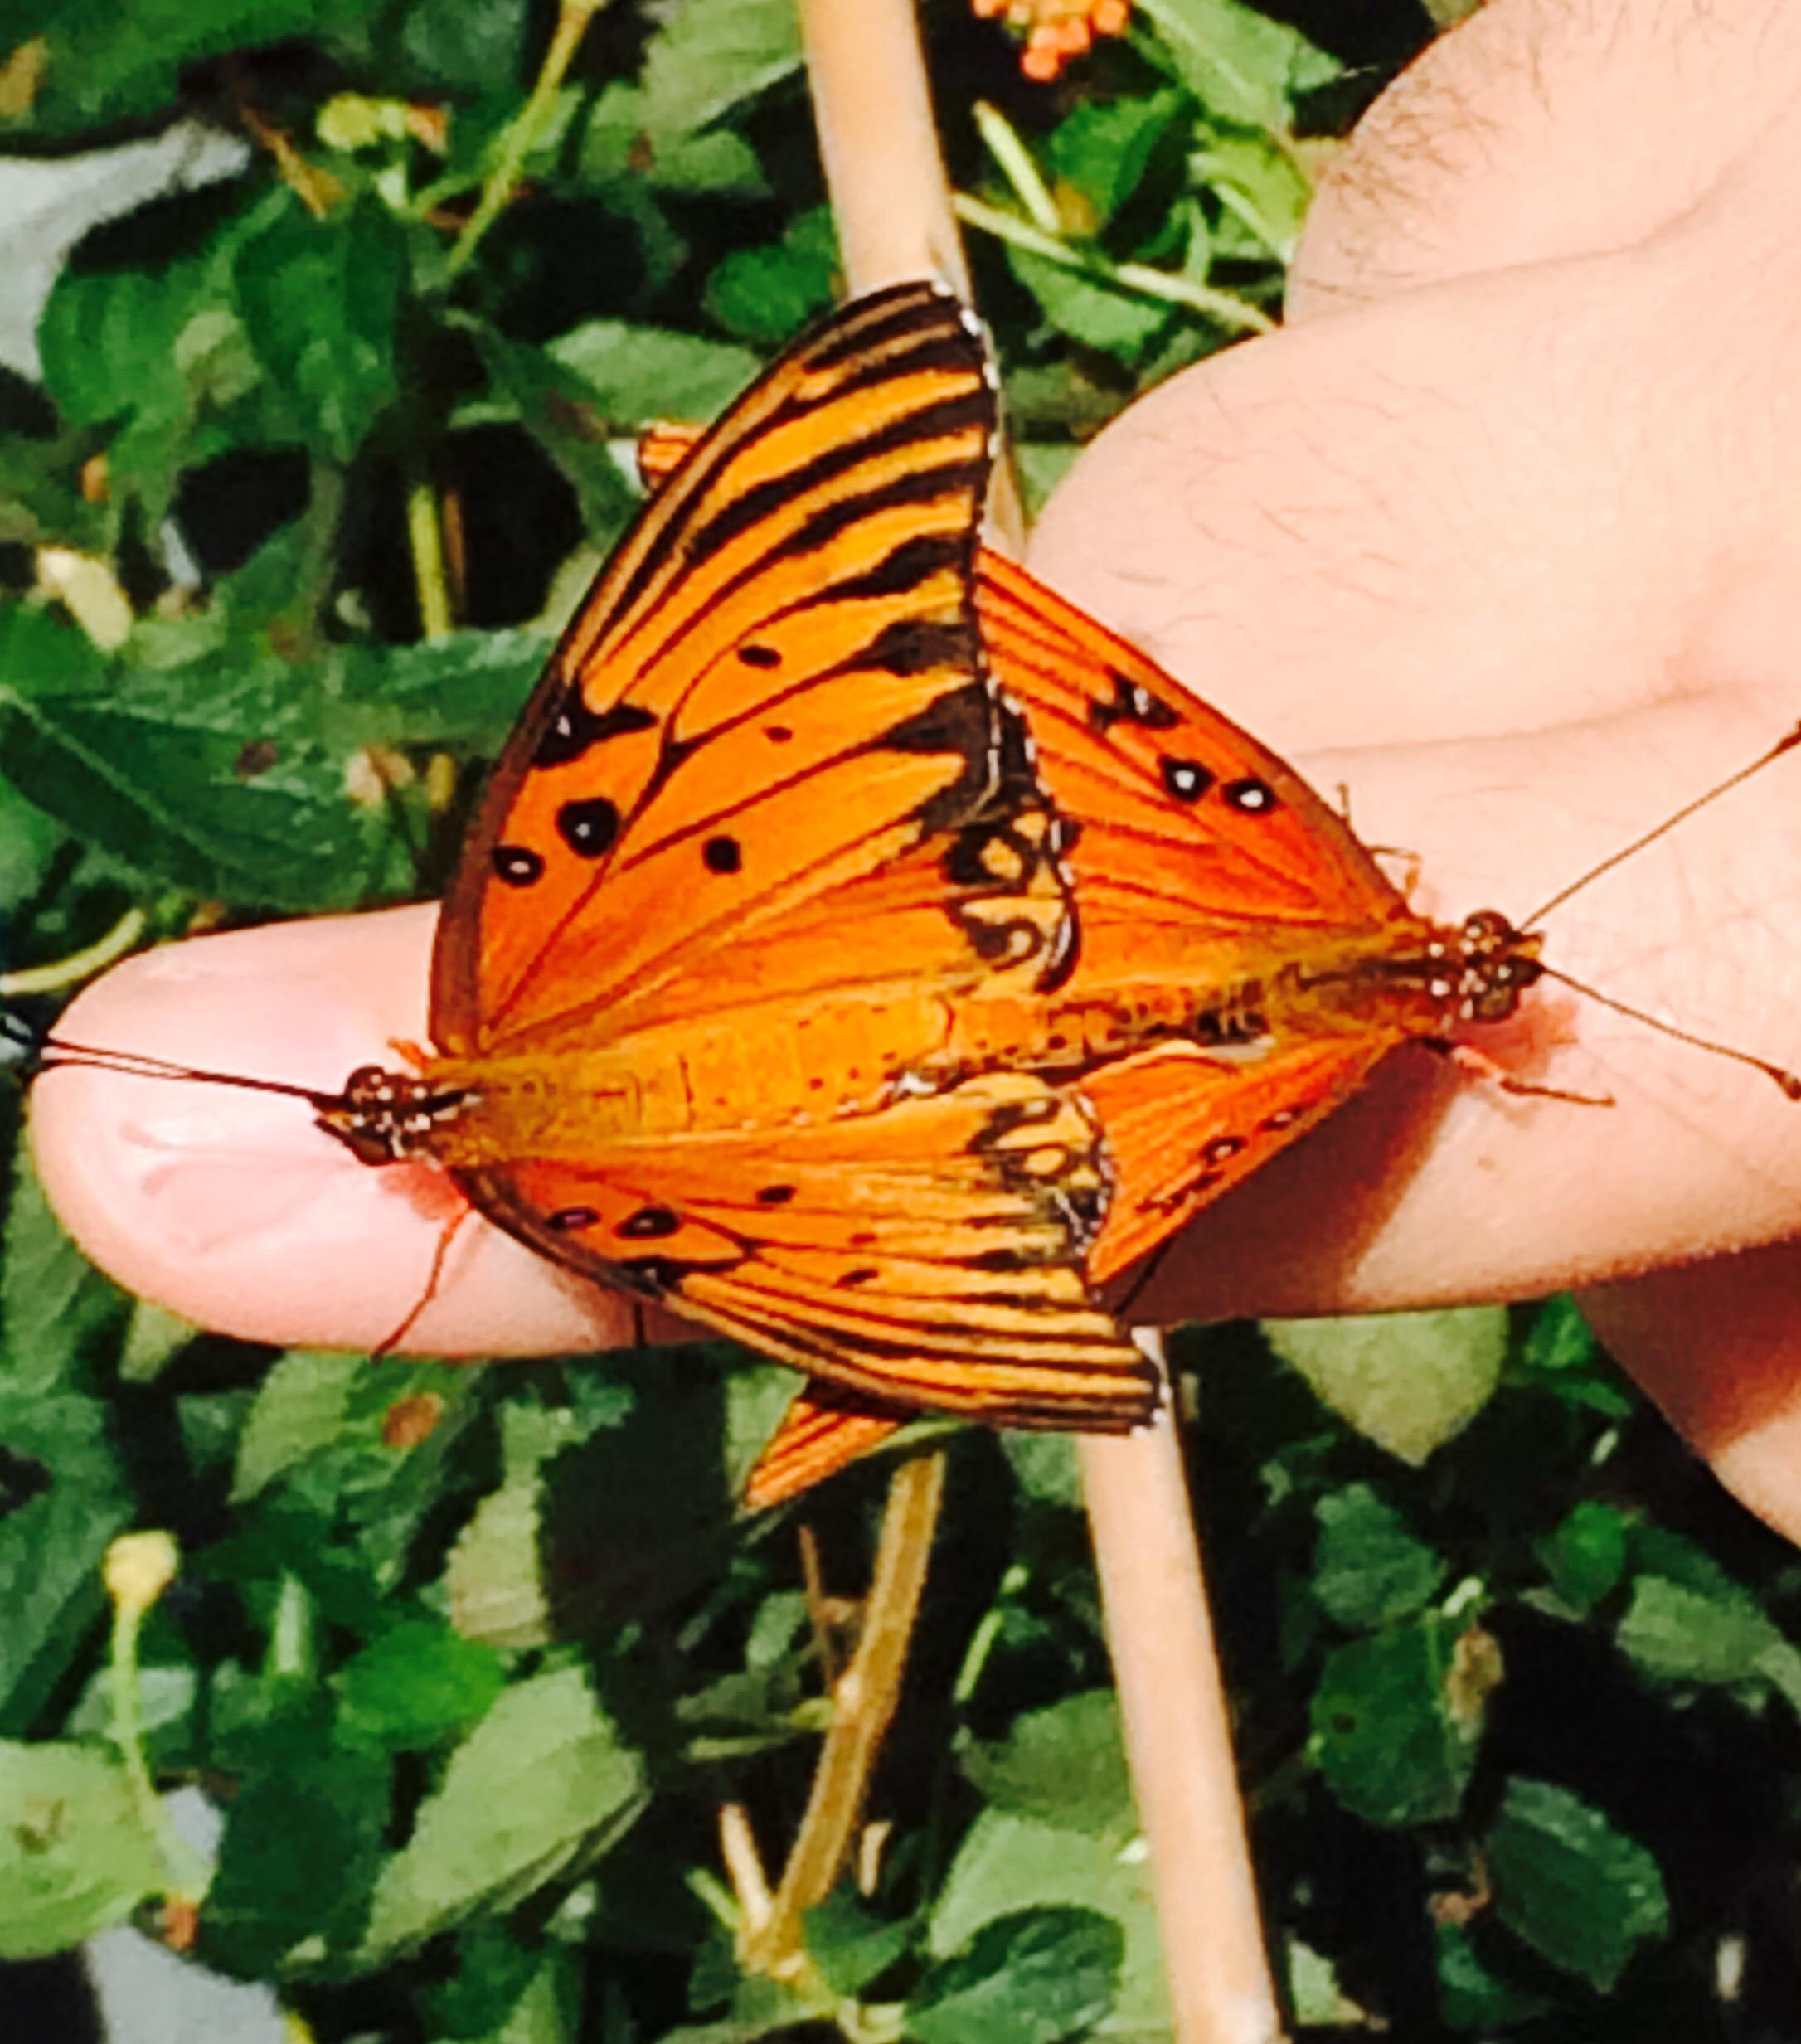 Merveilleux Johannau0027s Butterfly Blog